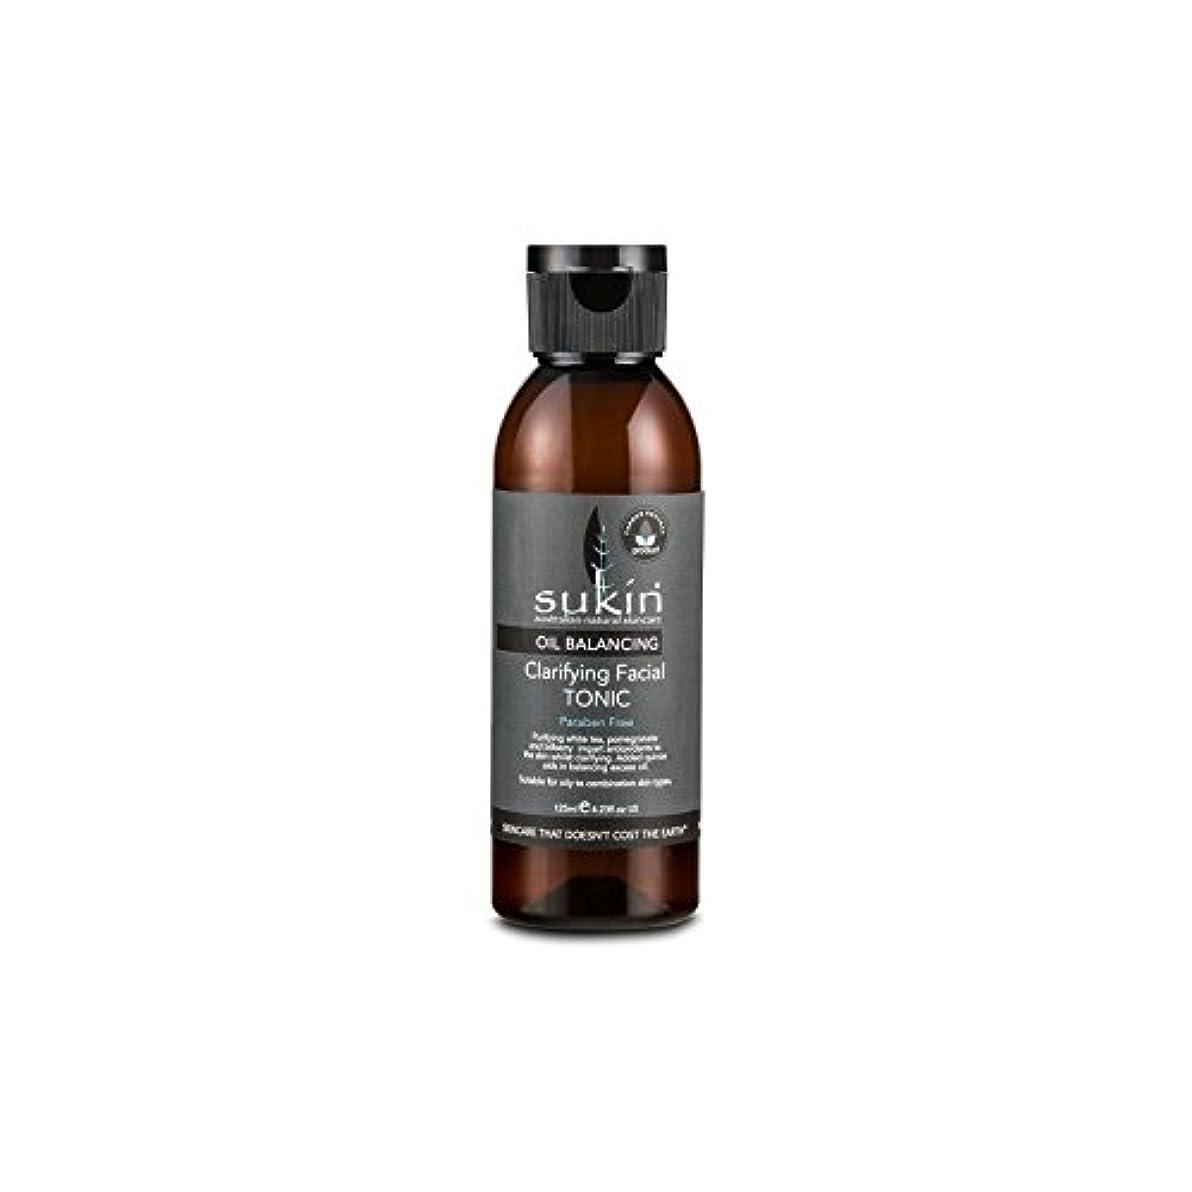 人物良心的ペーストSukin Oil Balancing Clarifying Facial Tonic 125ml (Pack of 6) - フェイシャルトニック125ミリリットルを明確オイルバランシング x6 [並行輸入品]